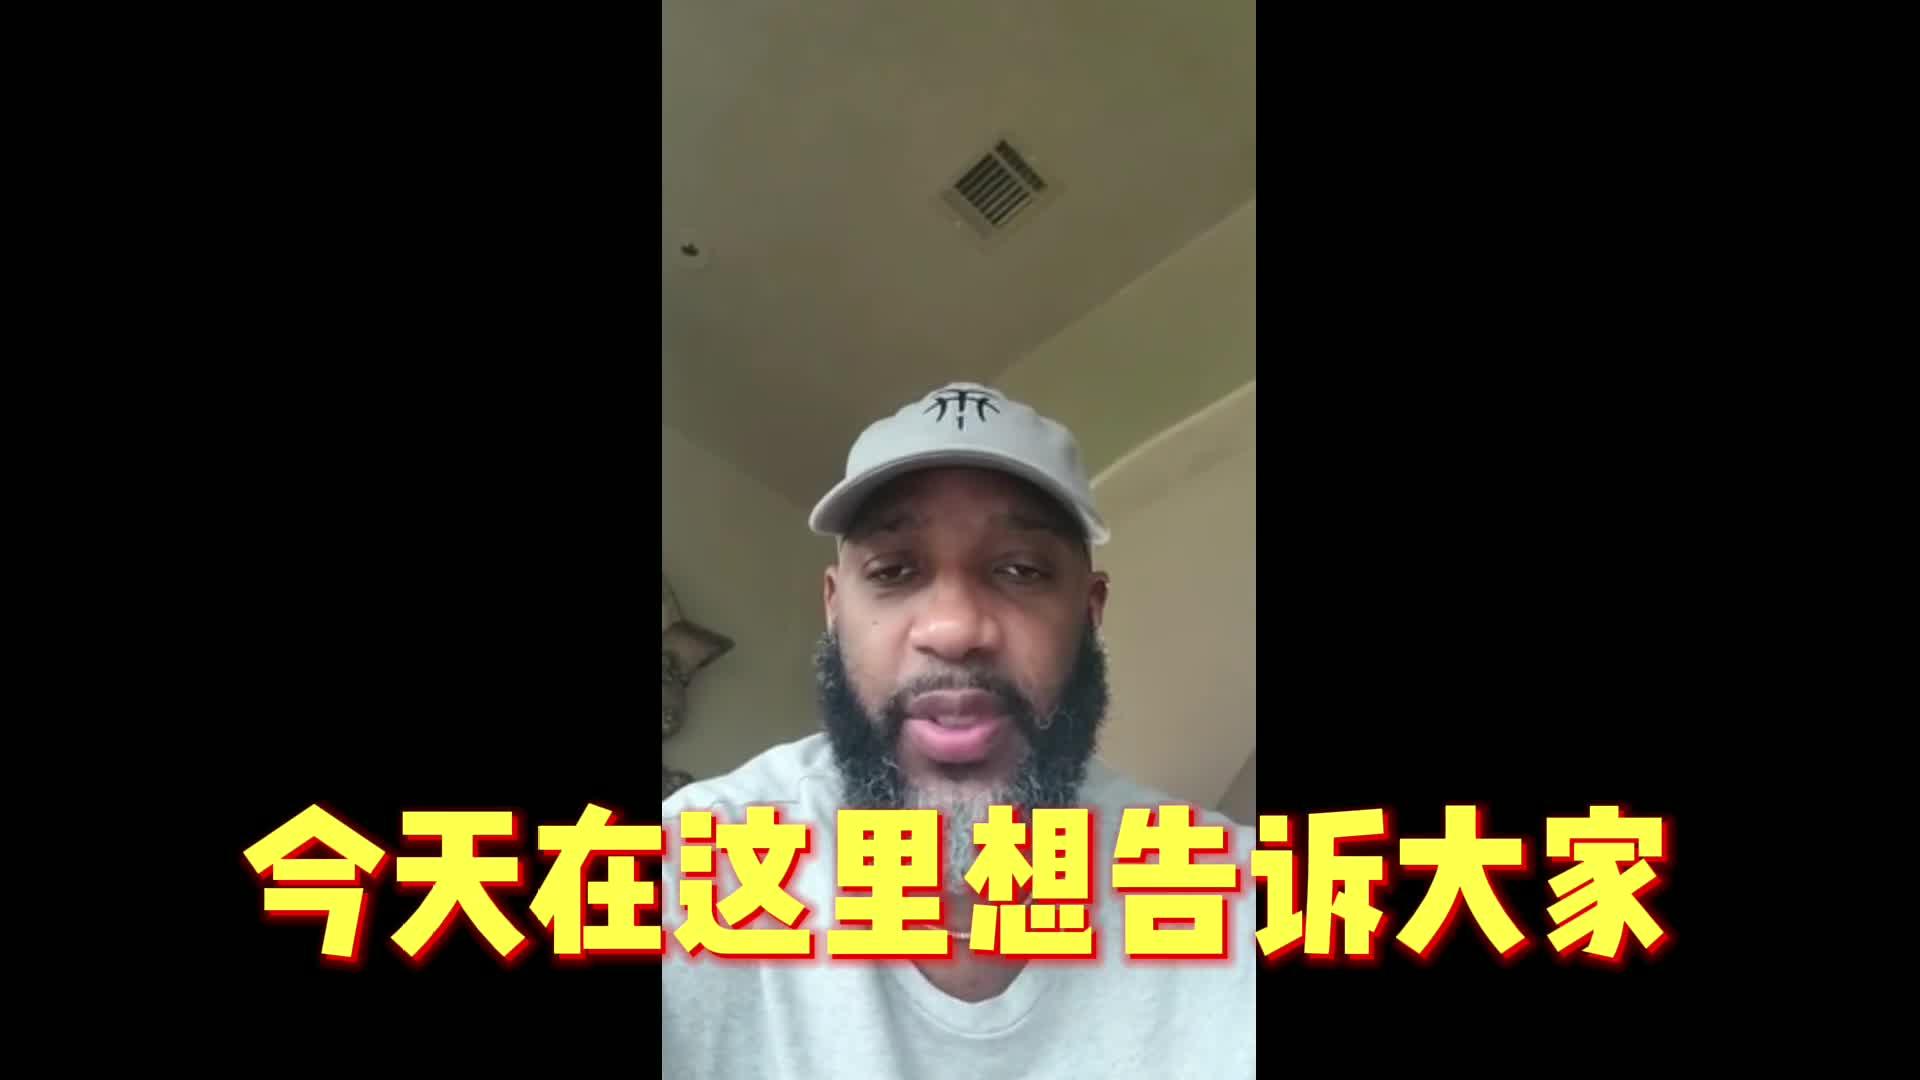 麦迪发视频:为灾区的人们诚心祈福